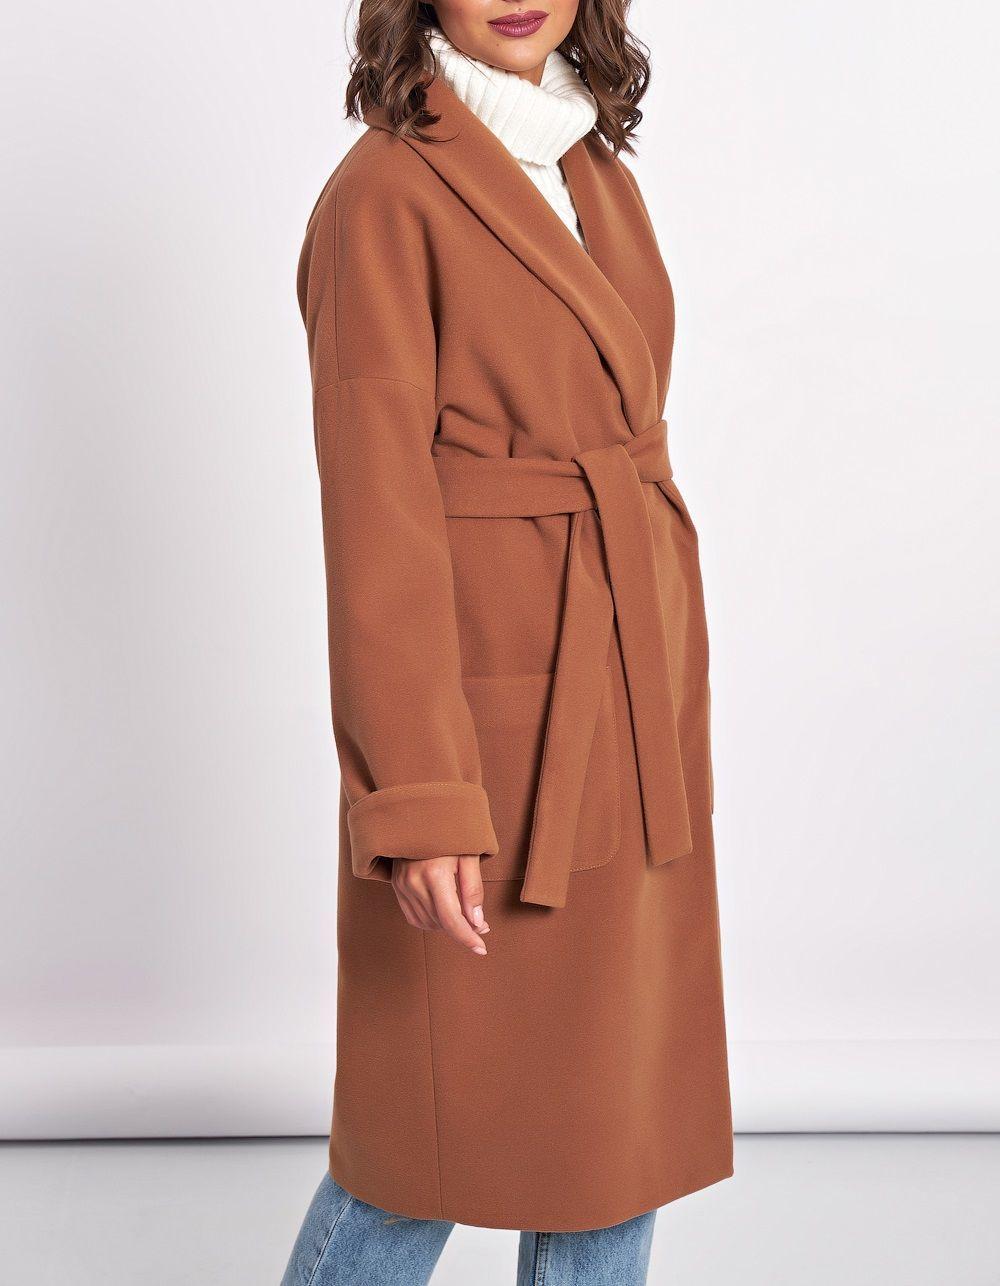 Пальто песочно-коричневое, Верхняя одежда, Москва, Фото №1